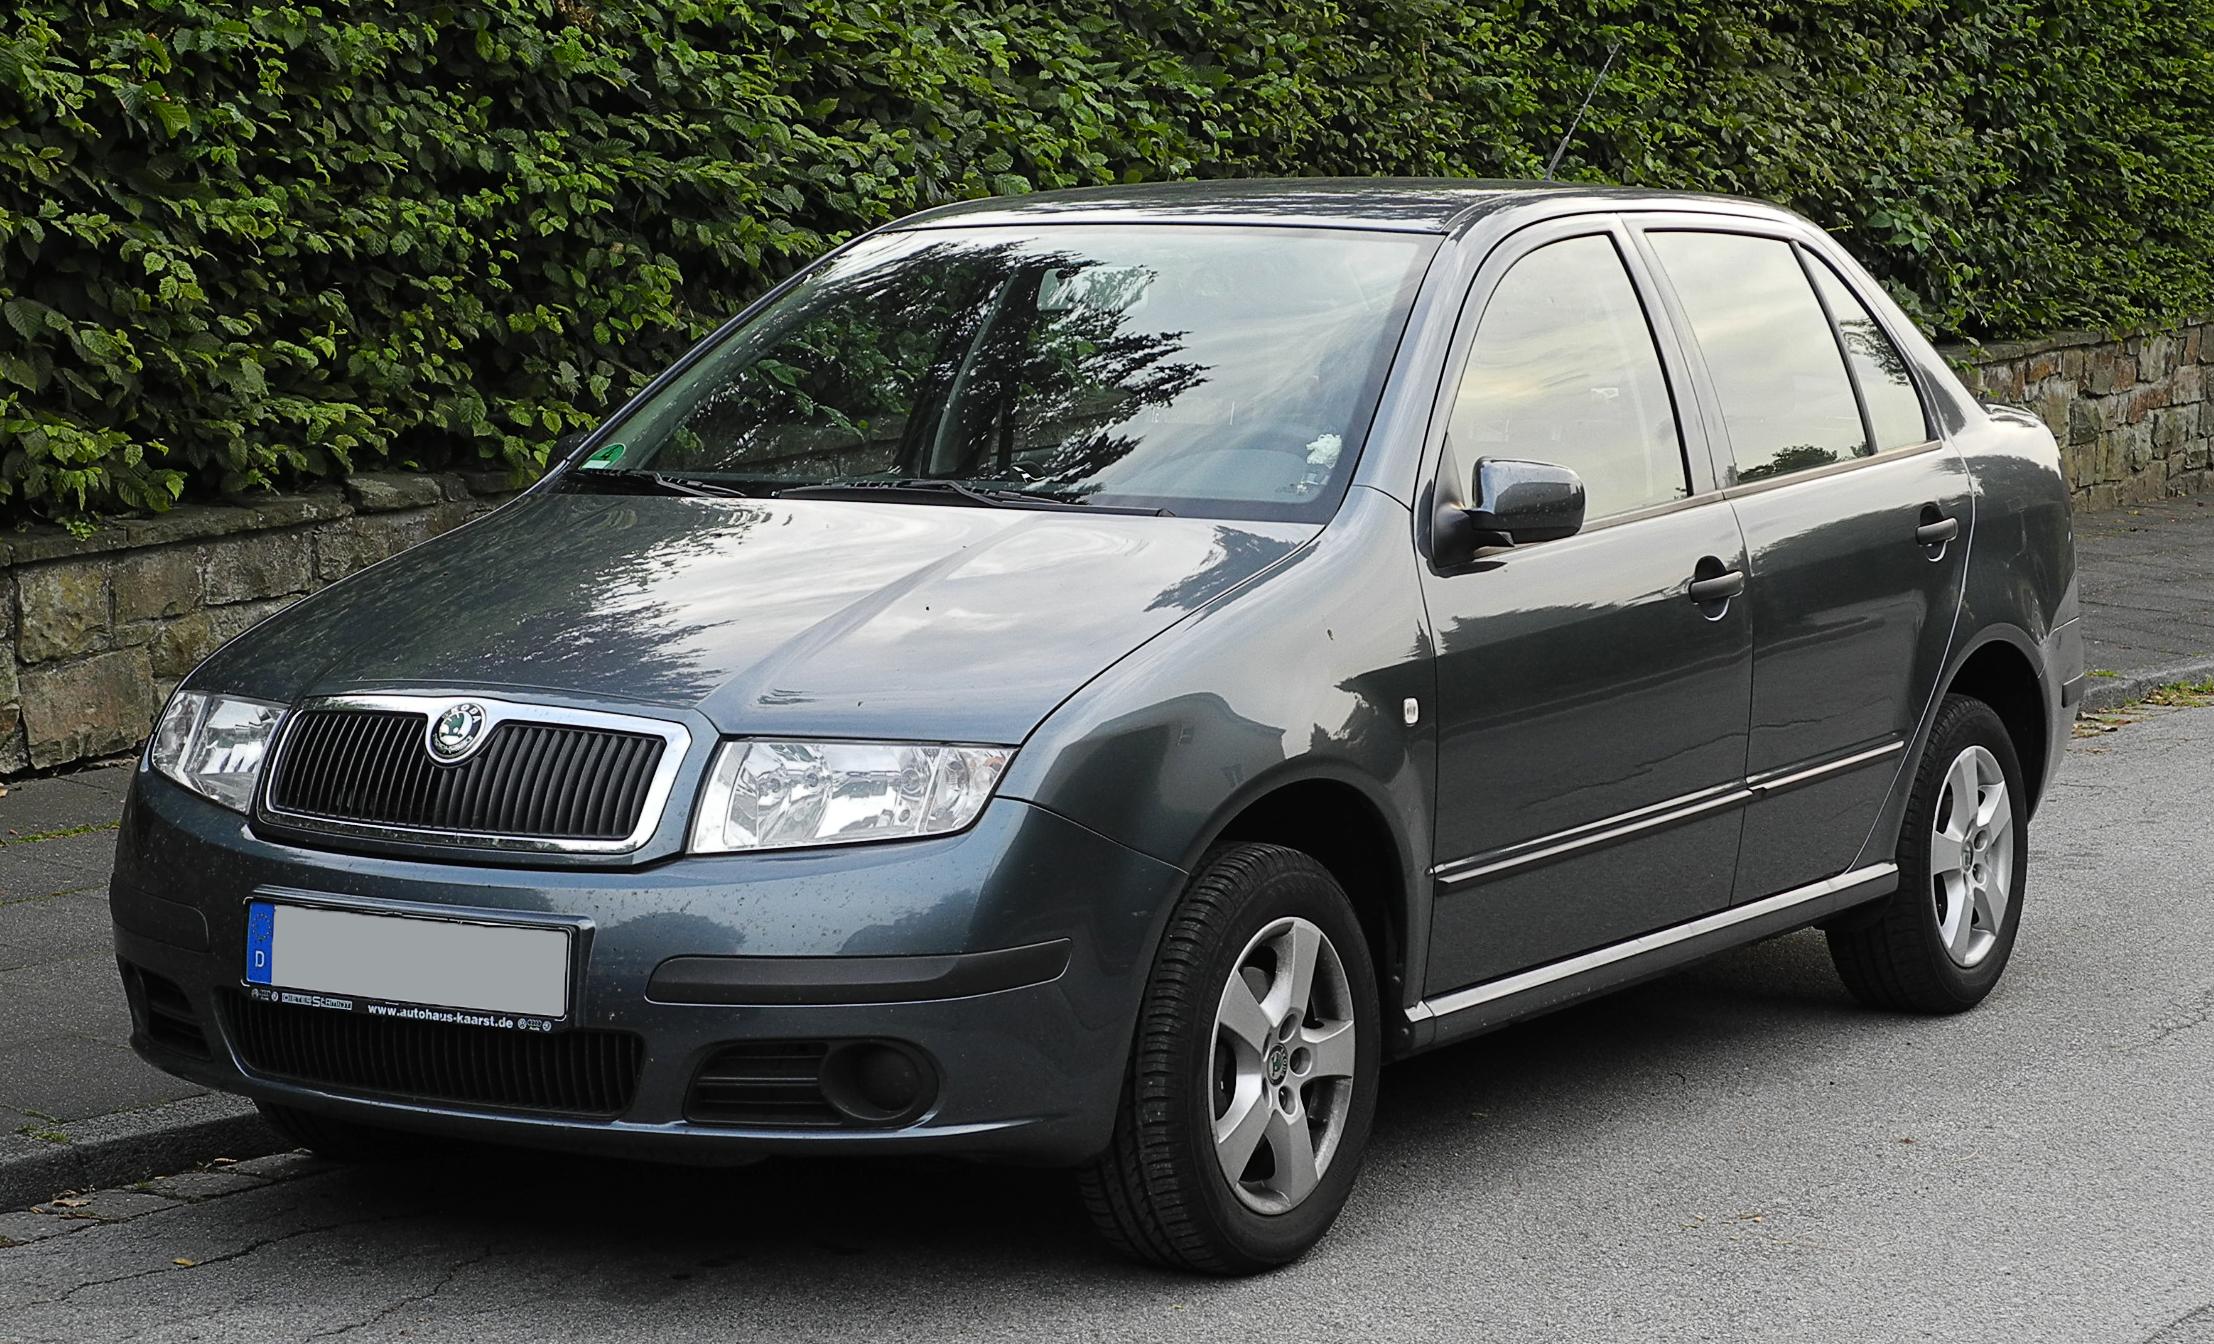 Skoda Rapid Wiki >> File:Skoda Fabia Sedan 1.4 16V (I, Facelift ...